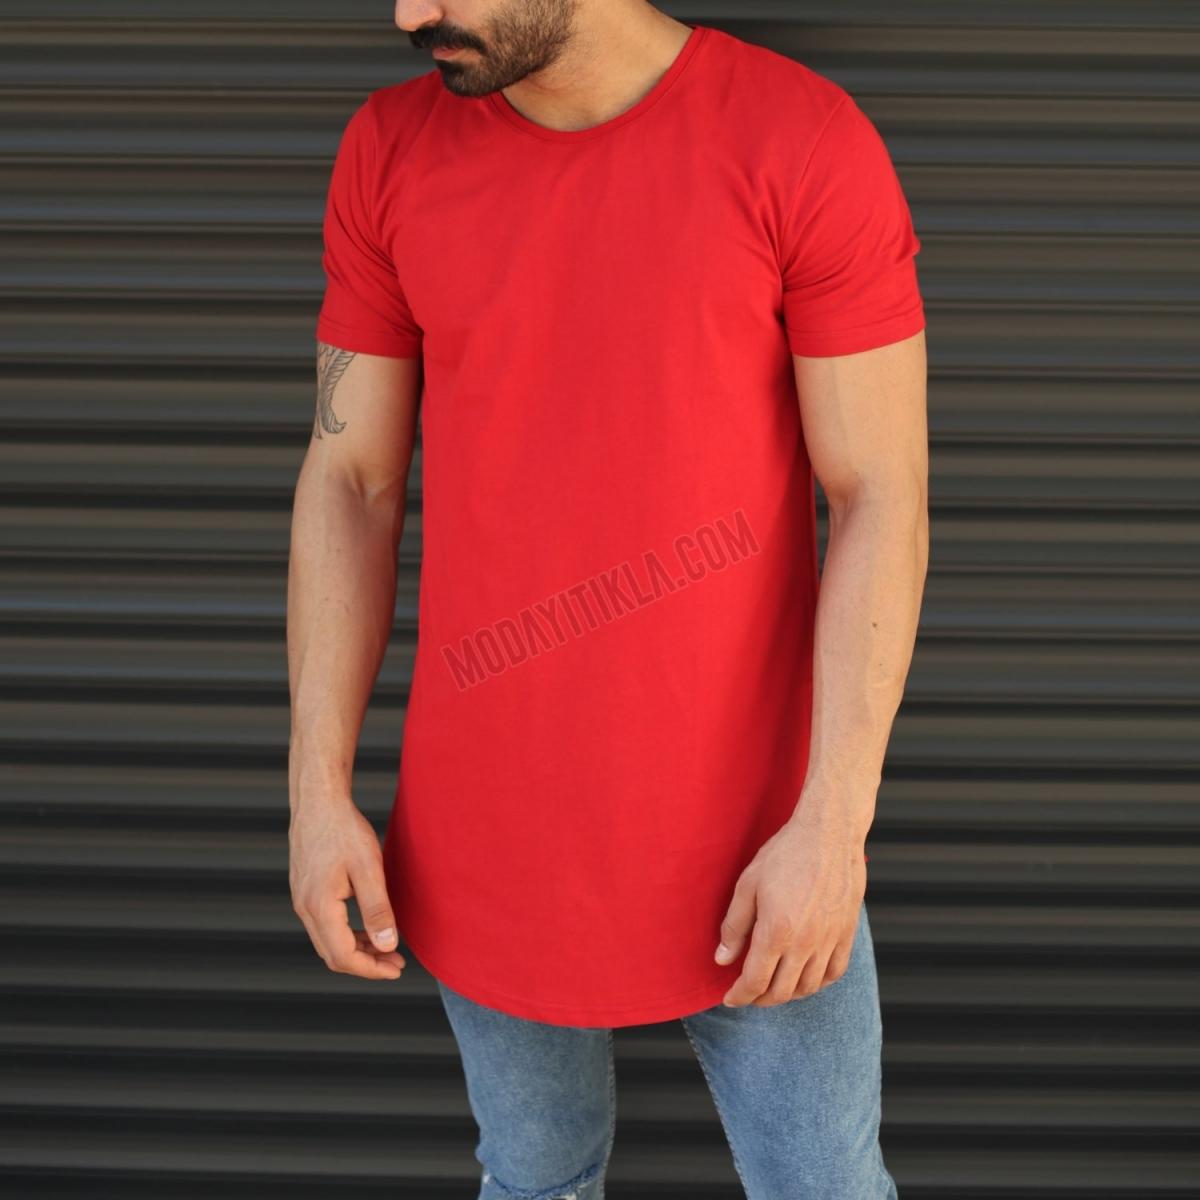 Erkek Yandan Fermuar Detay Bisiklet Yaka Tişört Kırmızı